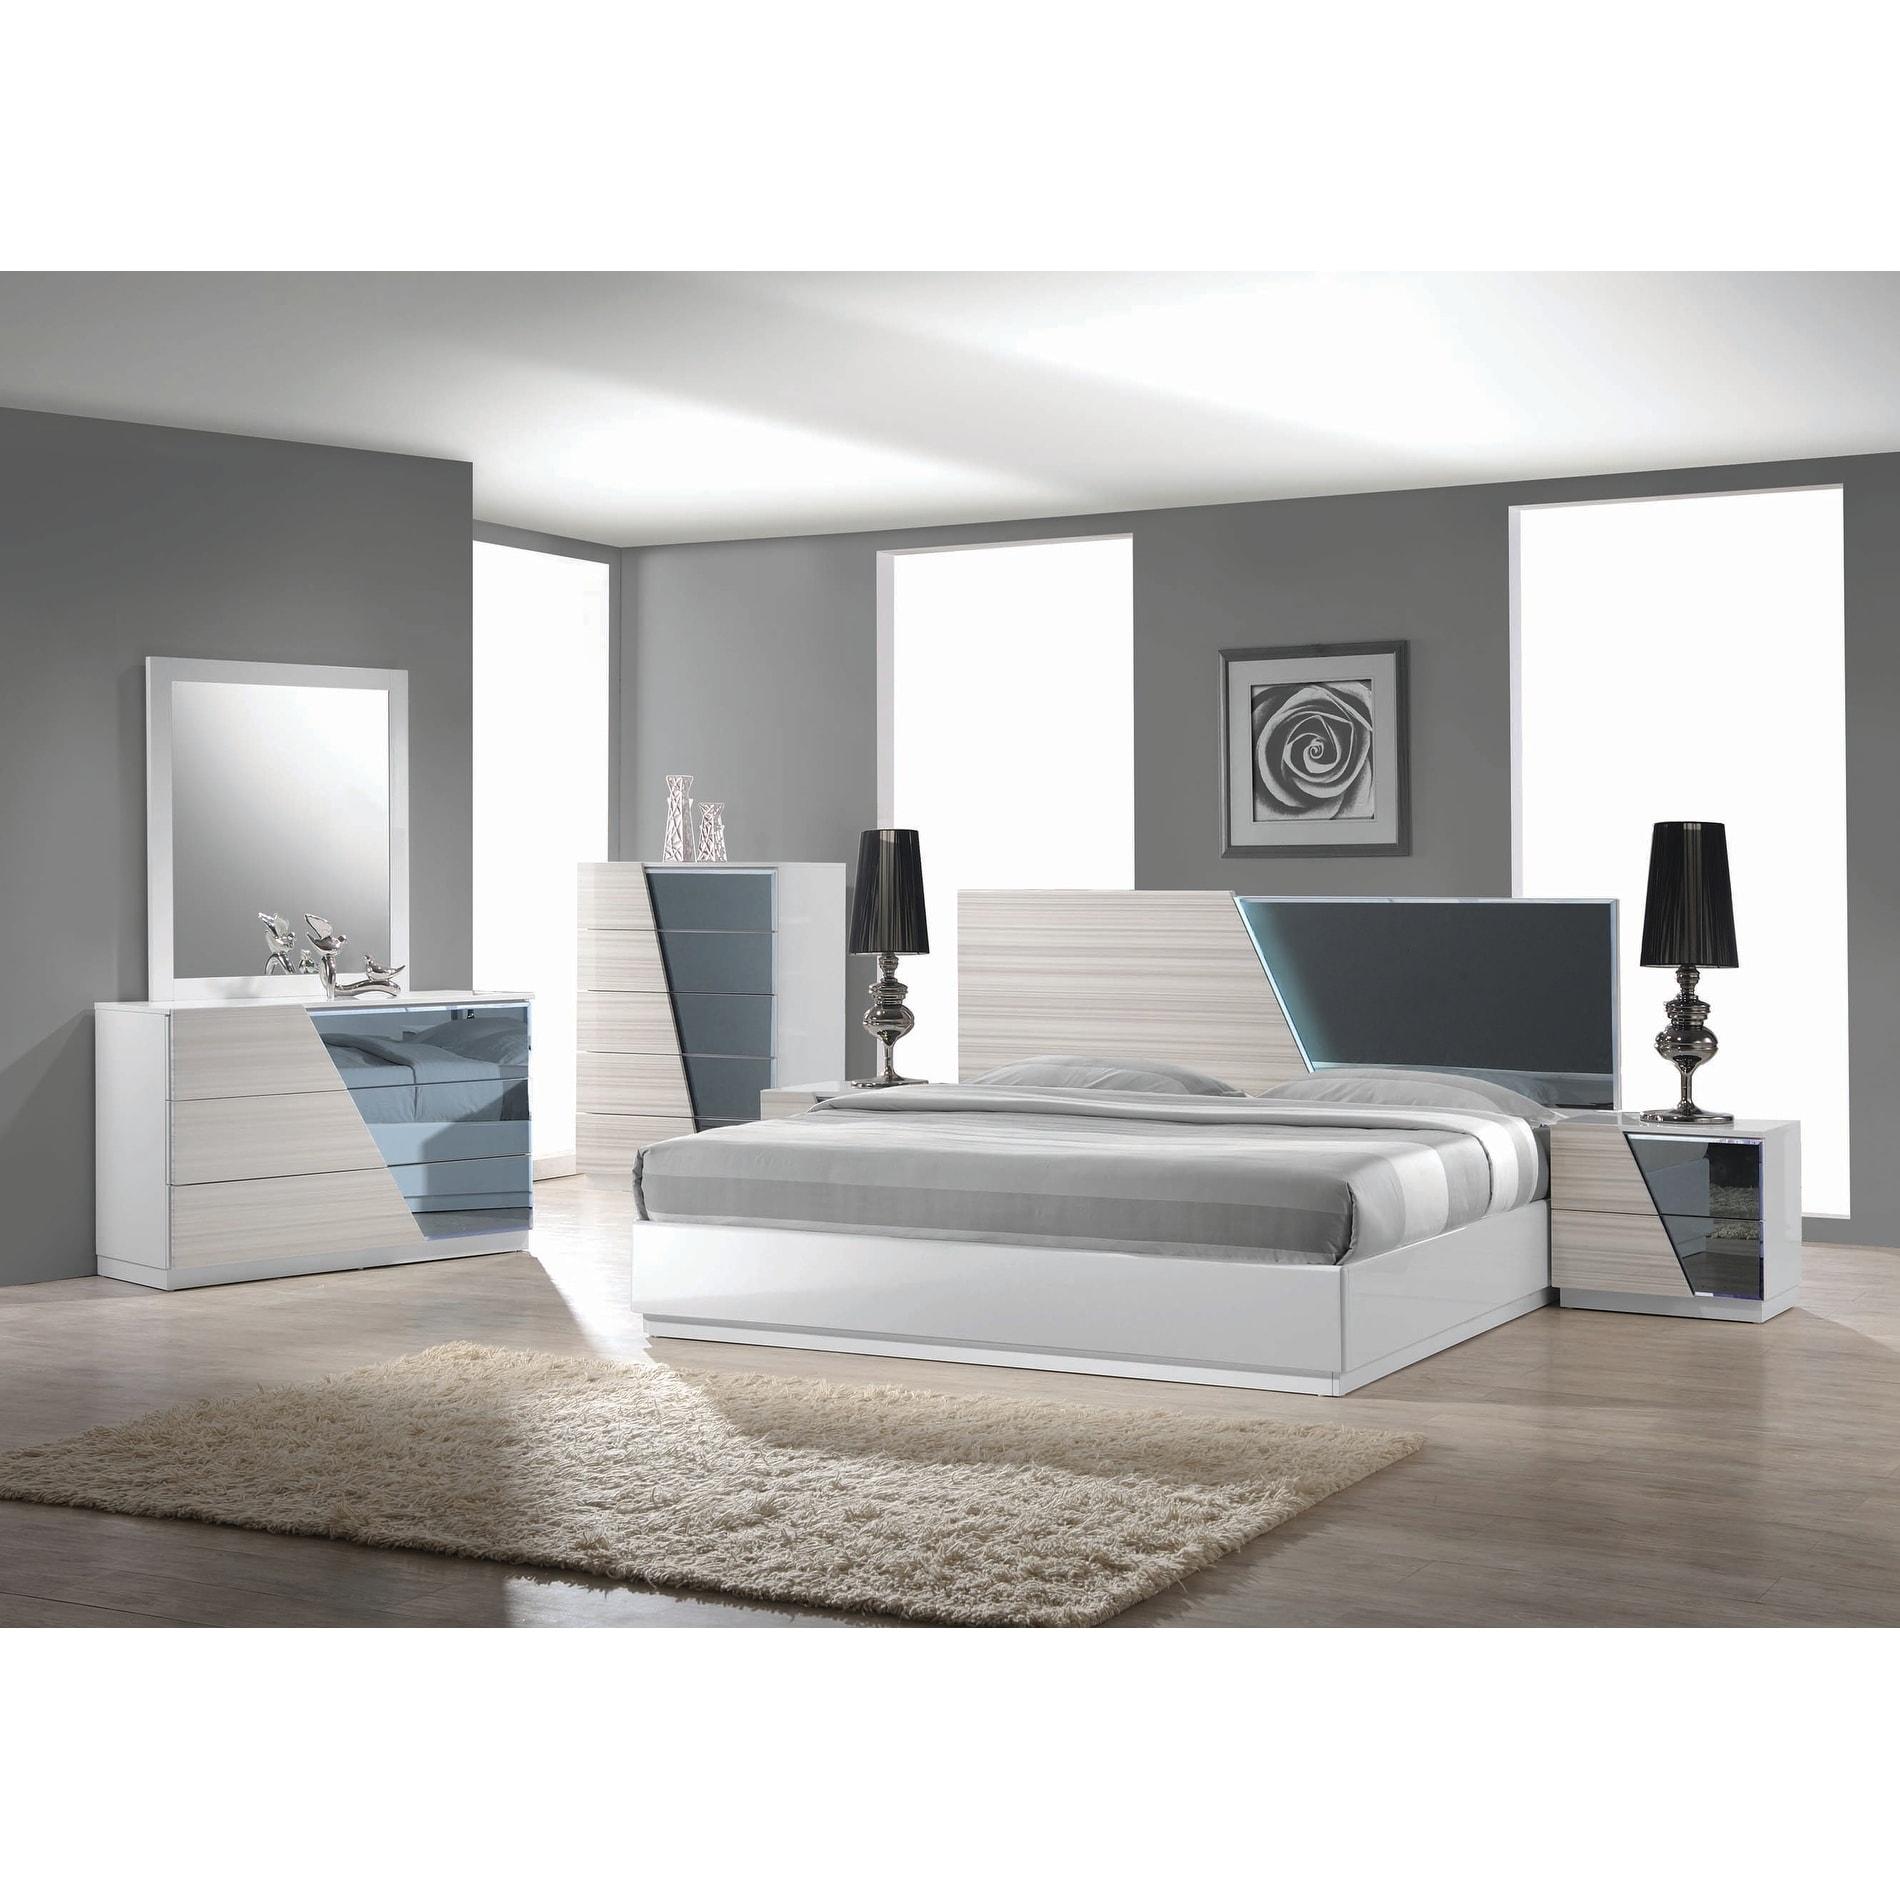 Shop Best Master Furniture Zebra/ Gray 5 Pieces Platform Bedroom Set ...